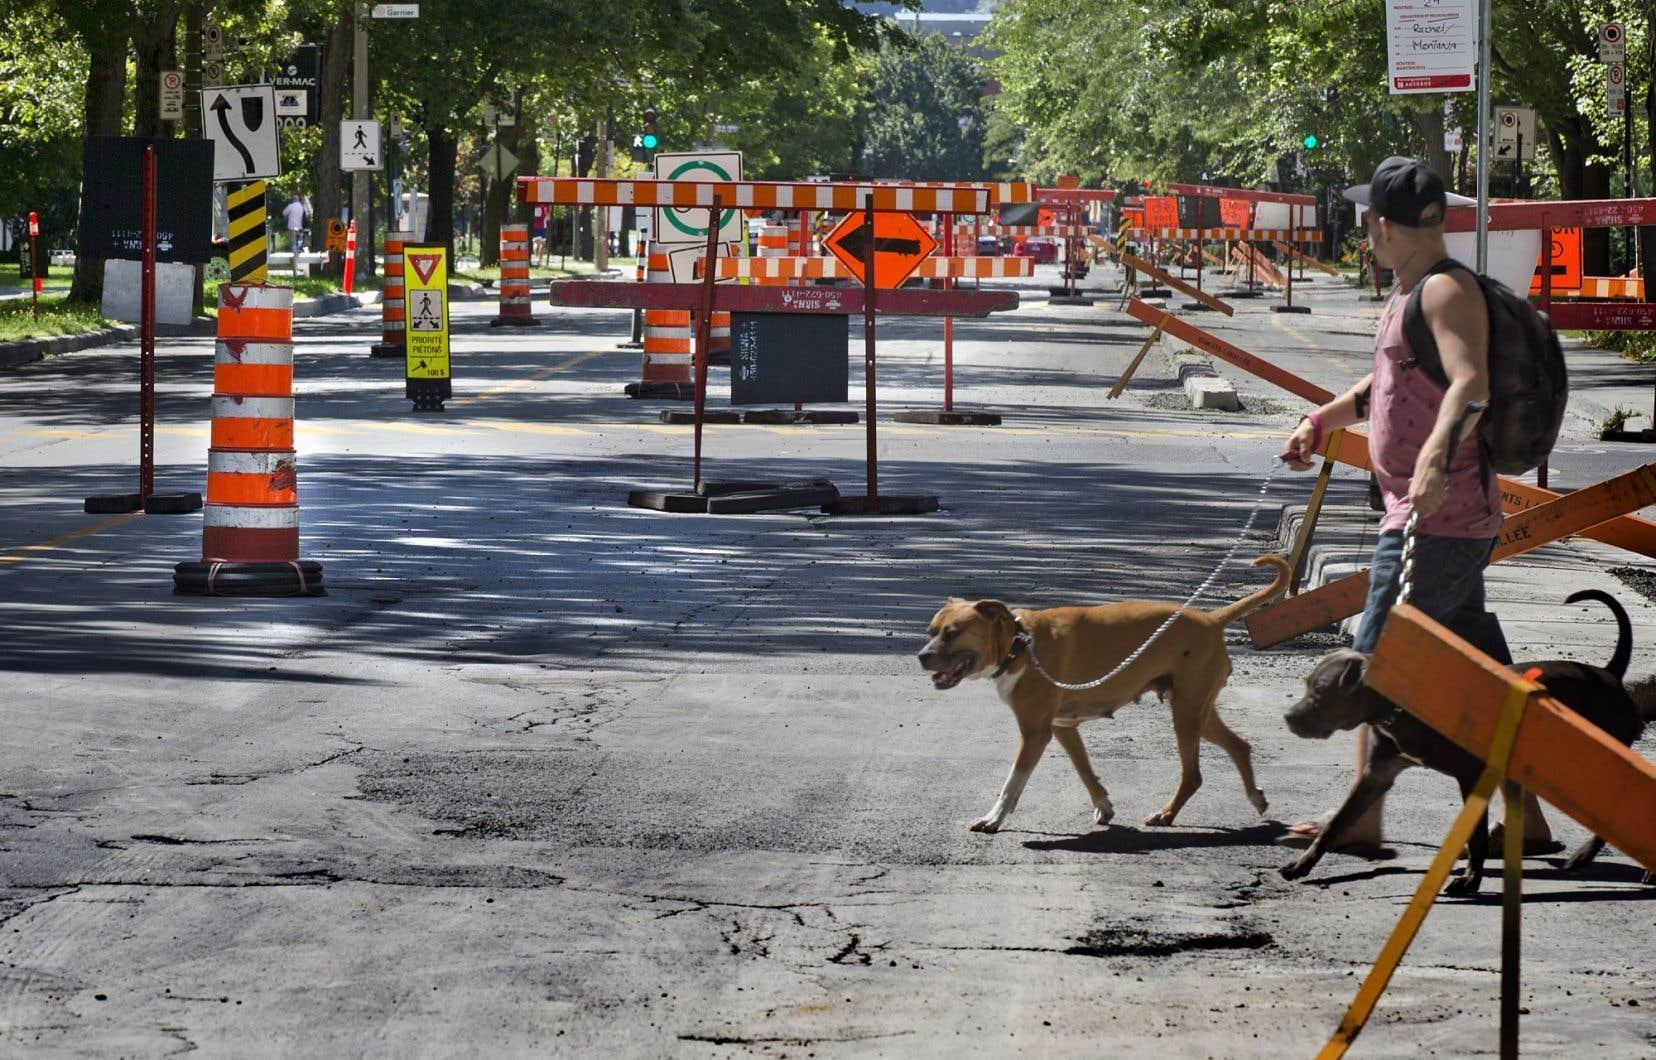 Le ministère des Transports et la Ville de Montréal, par exemple, se sont plusieurs fois fait reprocher de mener trop de chantiers de front, ce qui cause des problèmes de circulation.